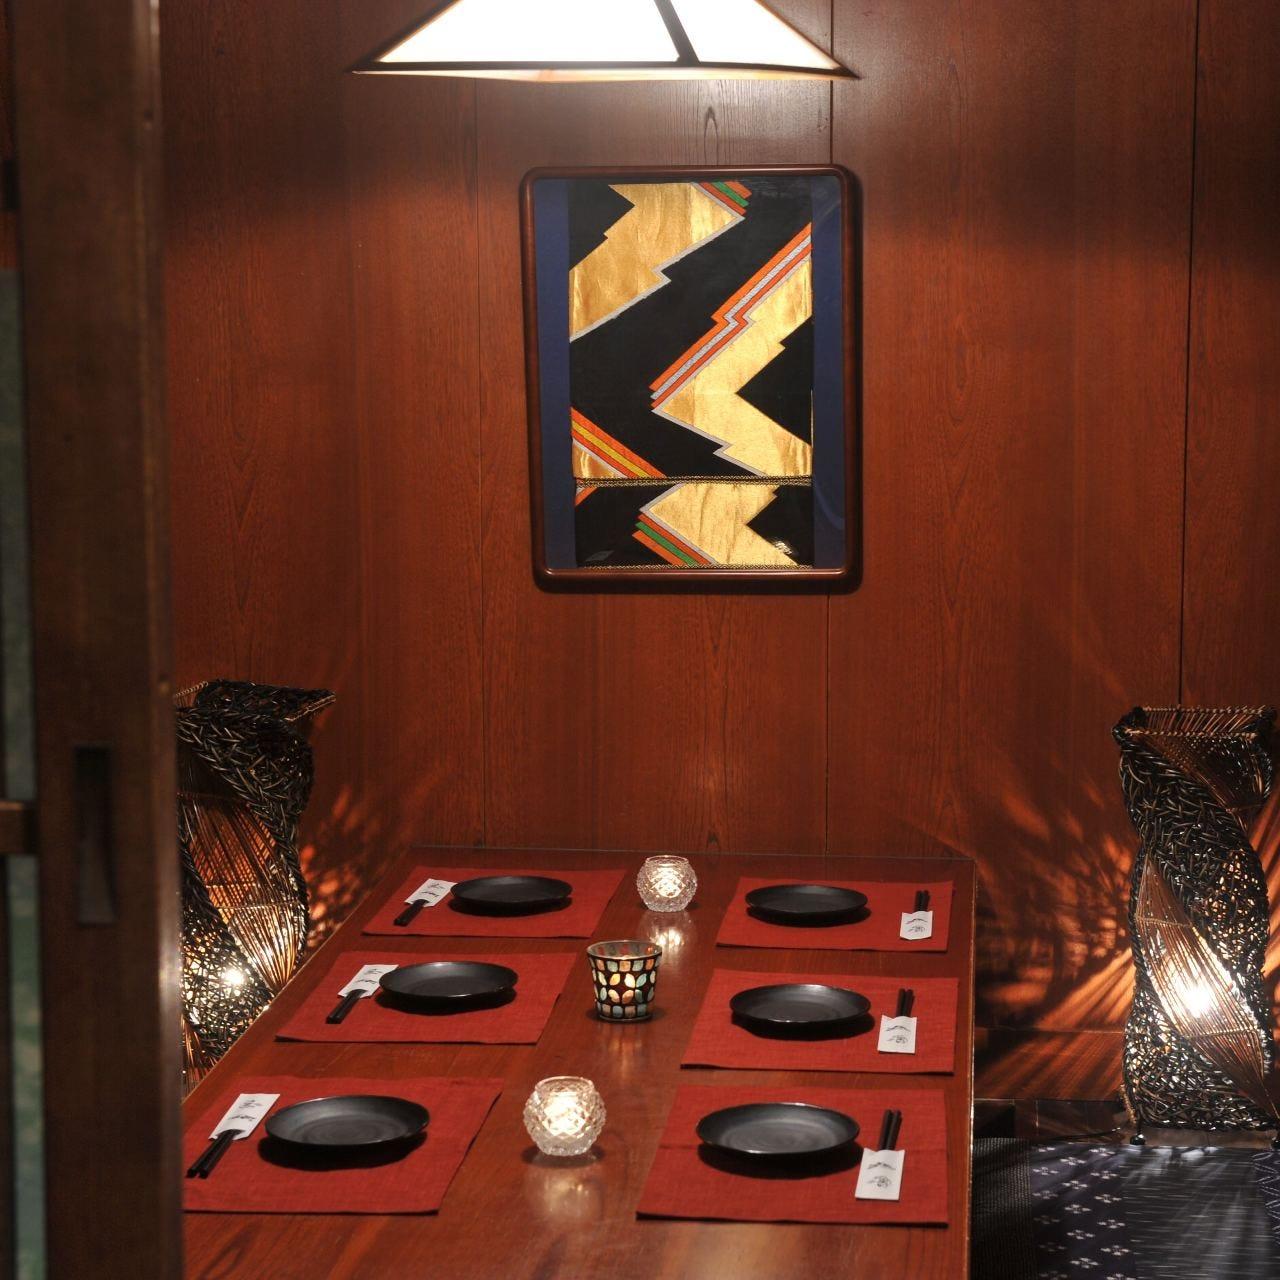 2~30名様まで対応可能な個室完備 お得な幹事様特典も有り!